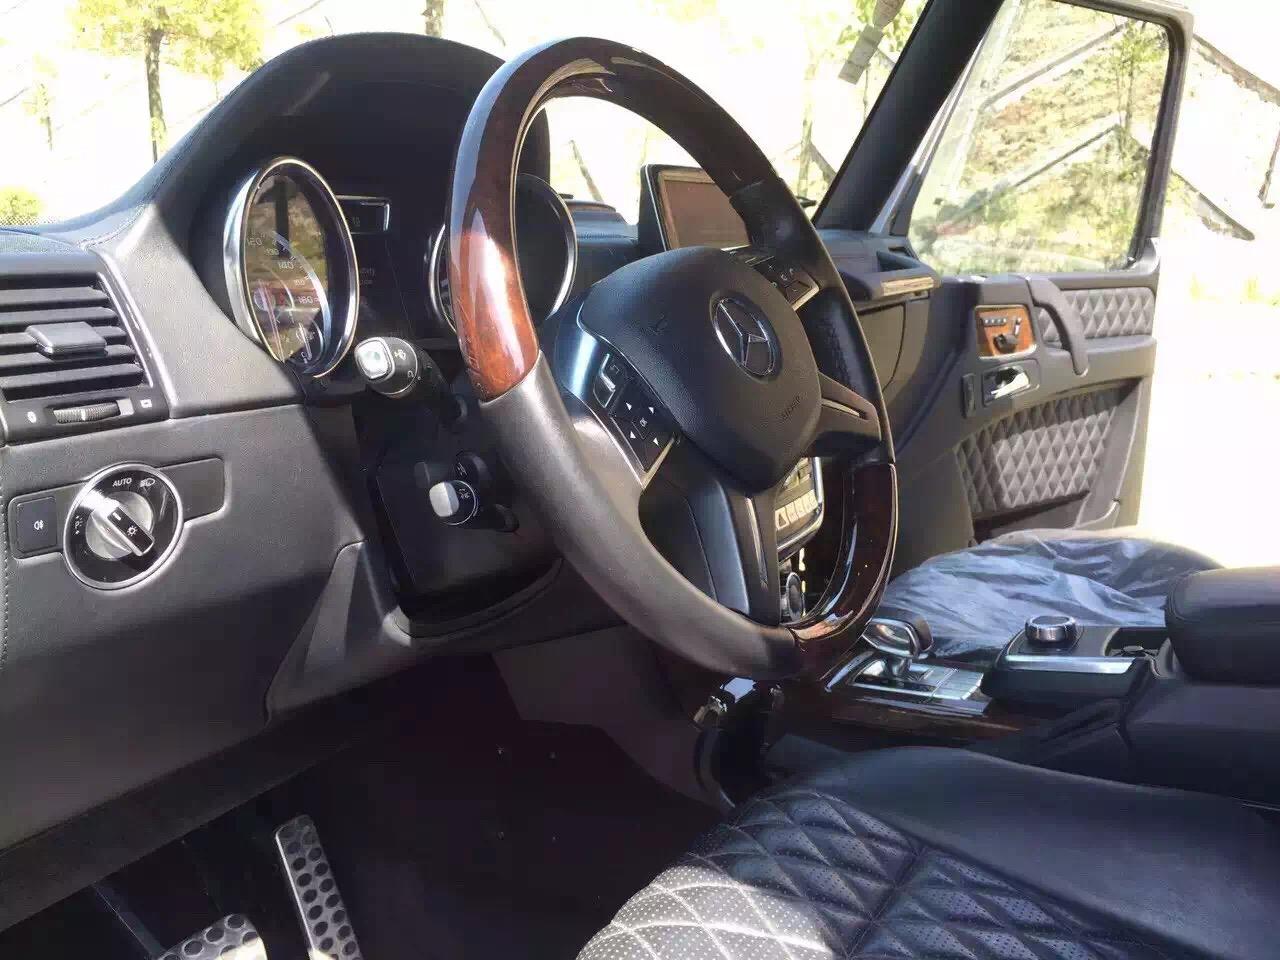 2014年准新奔驰G63 AMG越野之王 90万出高清图片